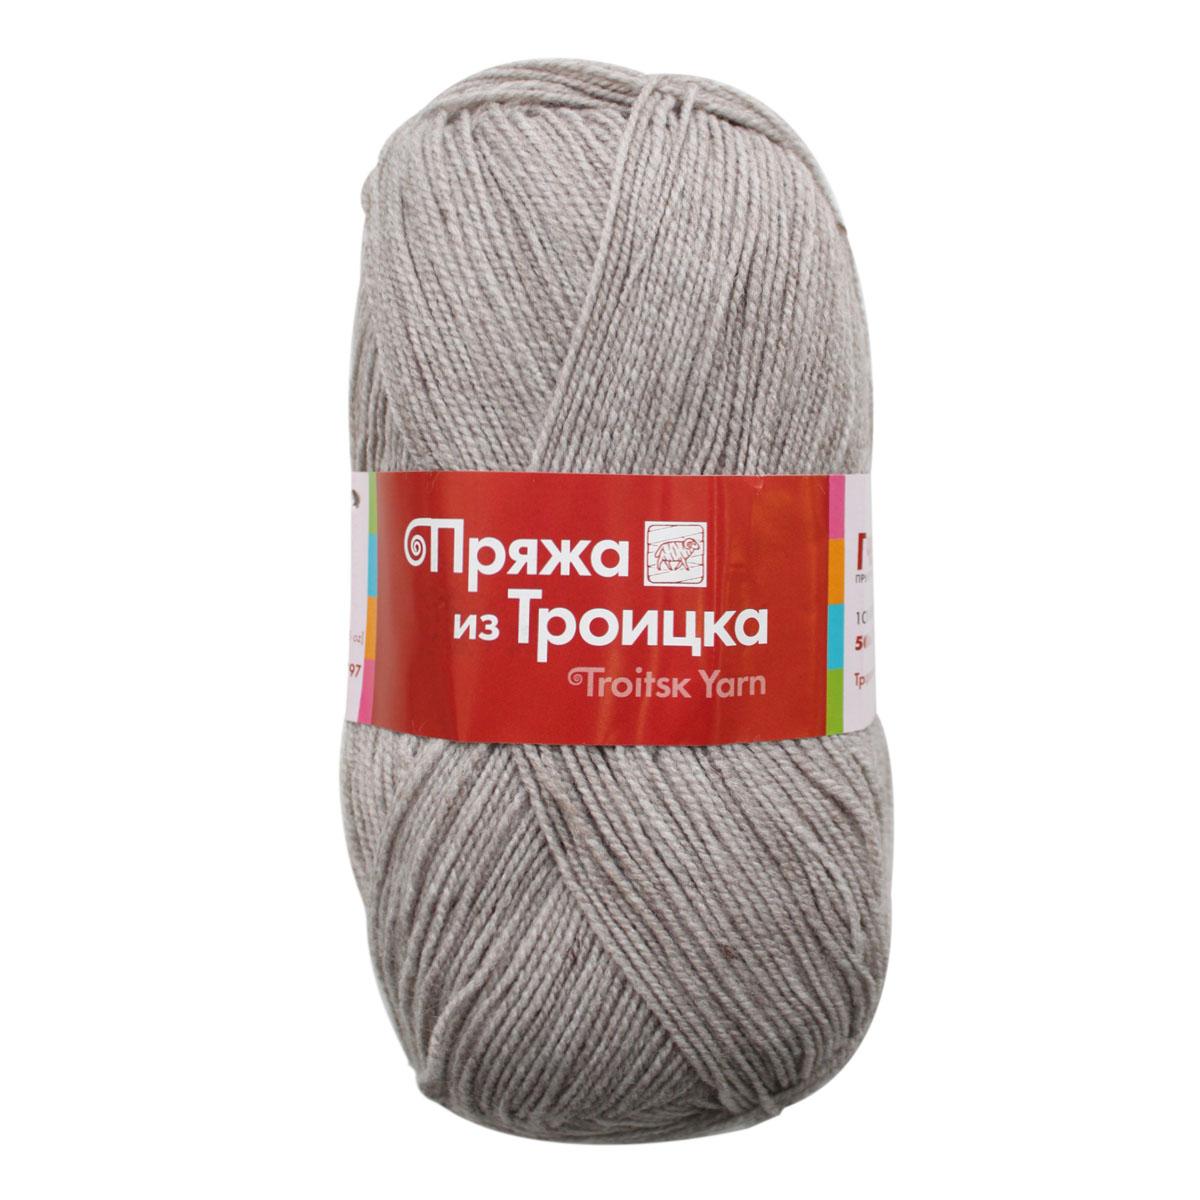 Пряжа для вязания Пчелка, 100 г, 500 м, цвет: 1273 серо-бежевый, 10 шт366098_1273